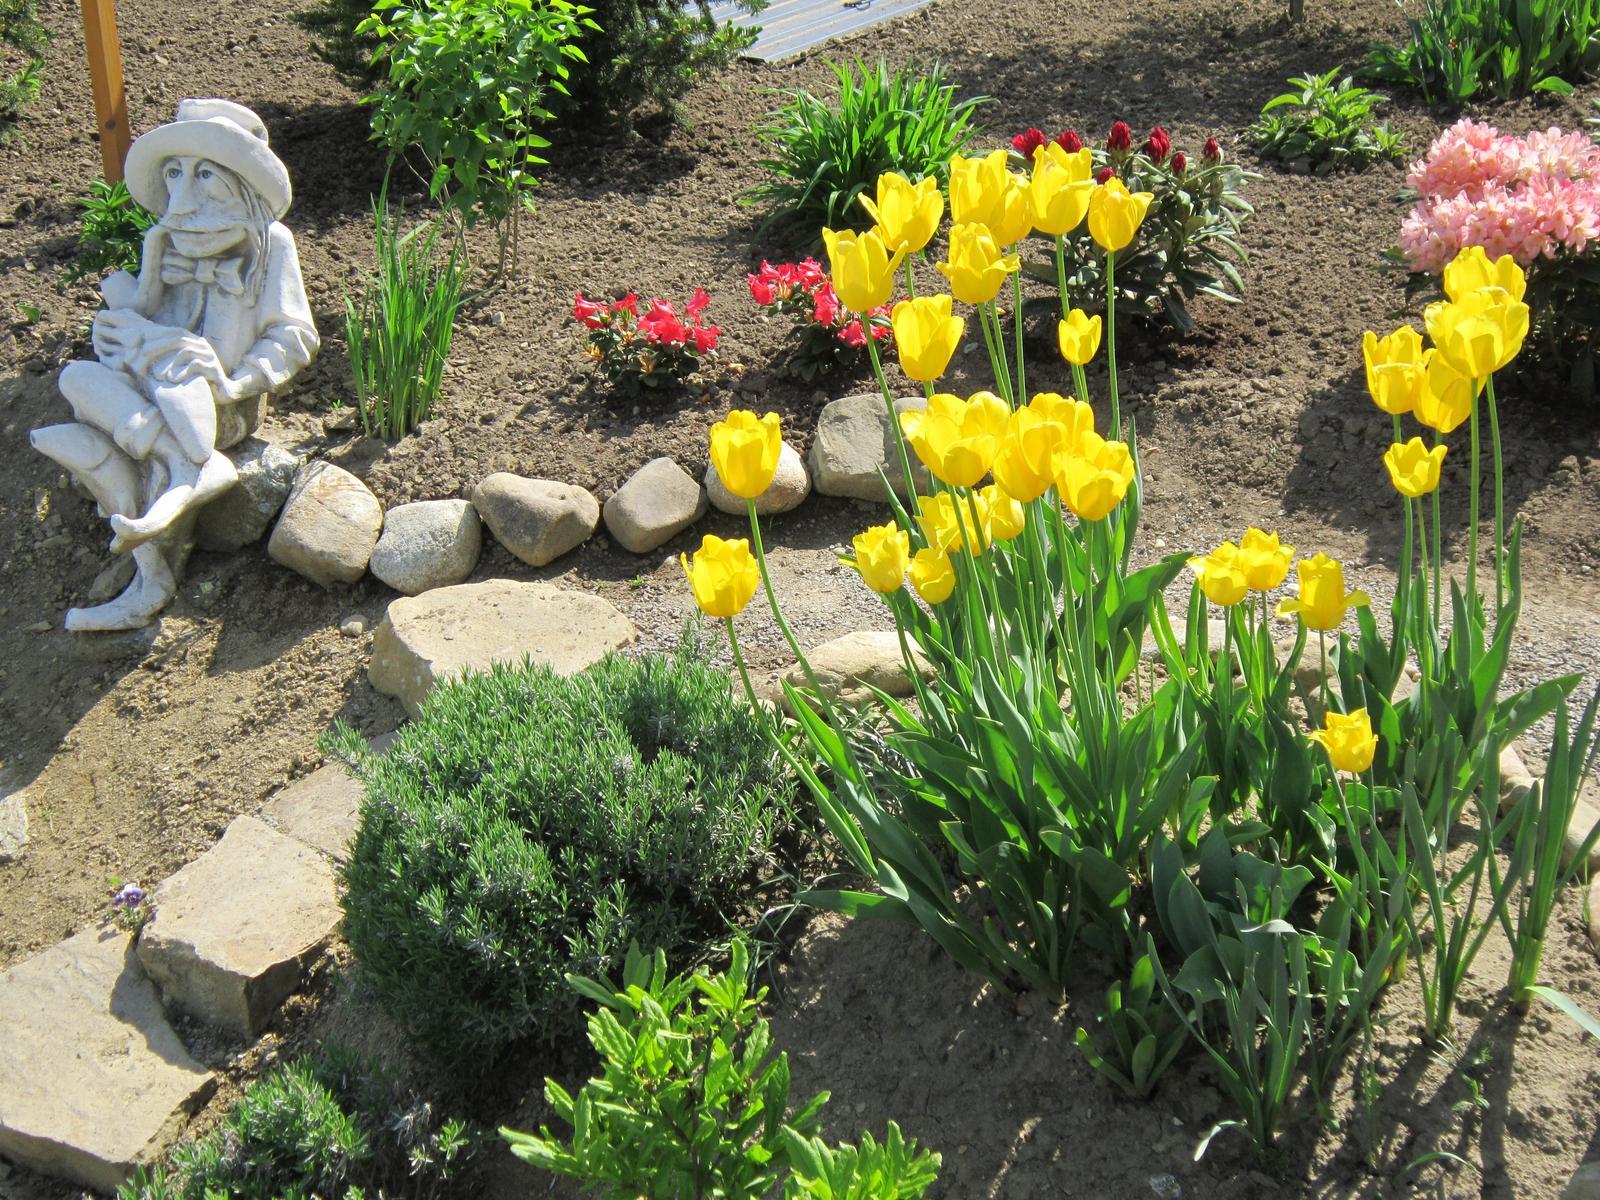 Moja záhrada...ako šiel čas - Obrázok č. 35